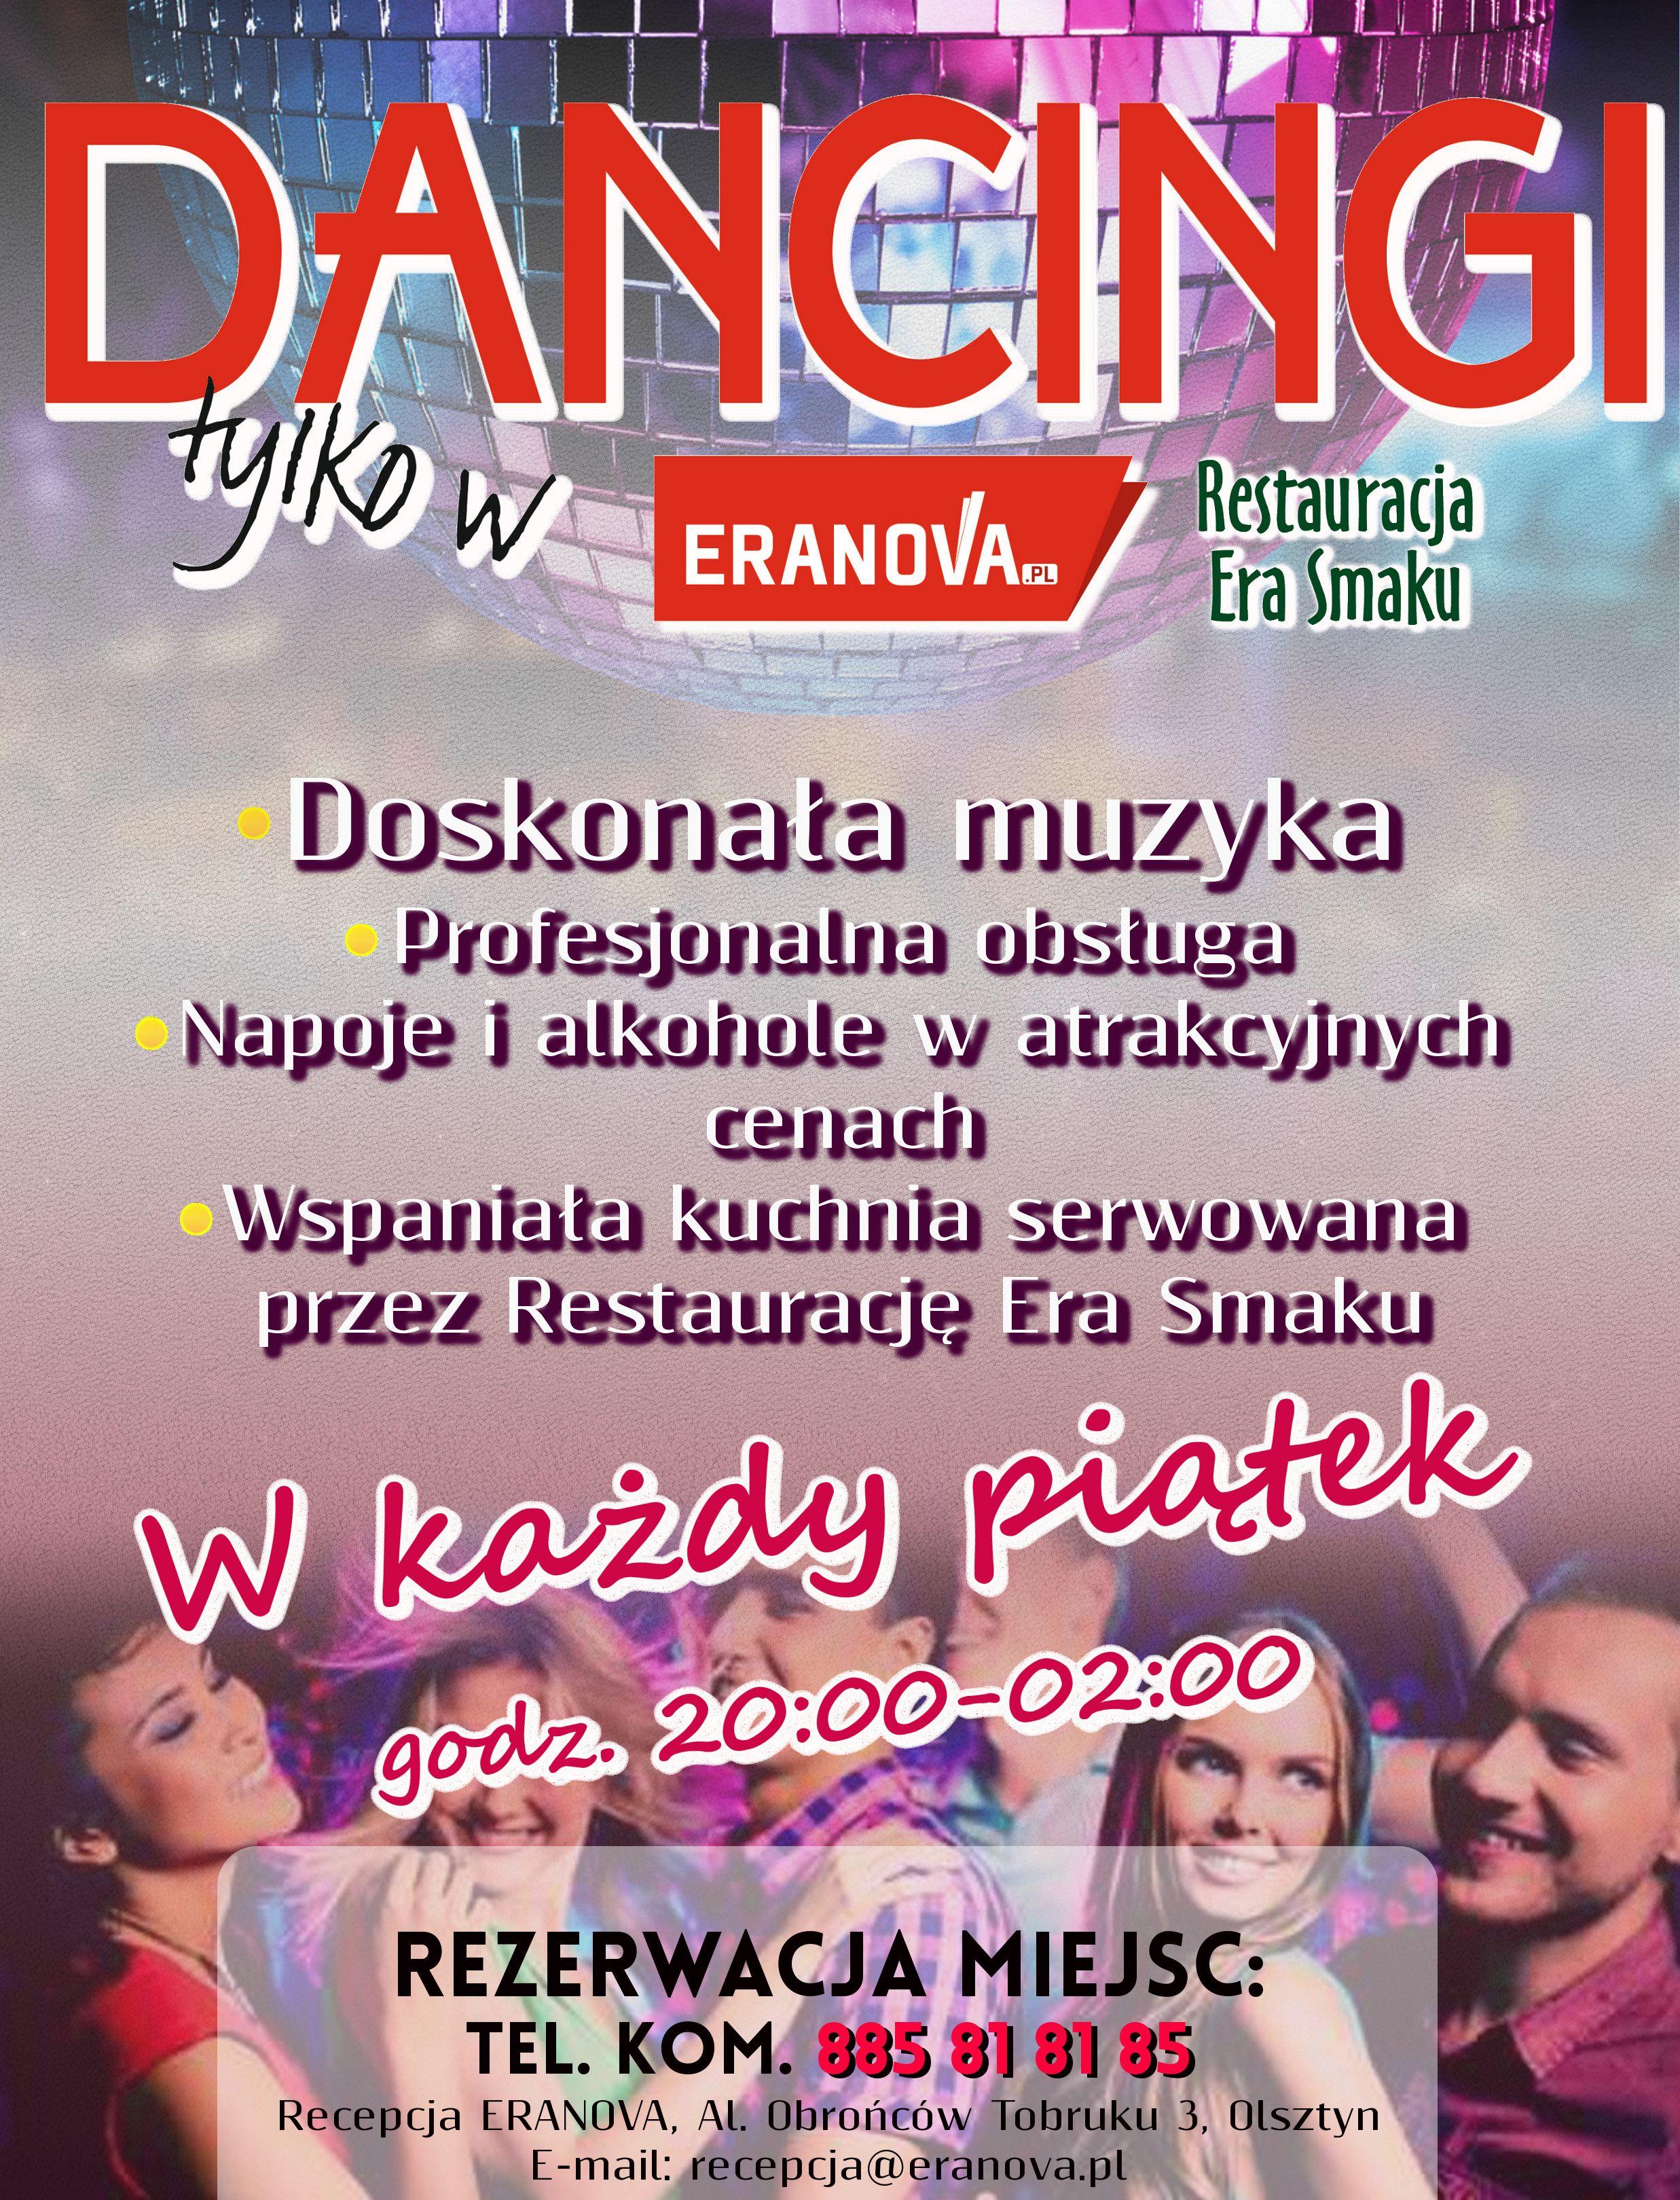 Zgarnij bezpłatne wejściówki na dancing!